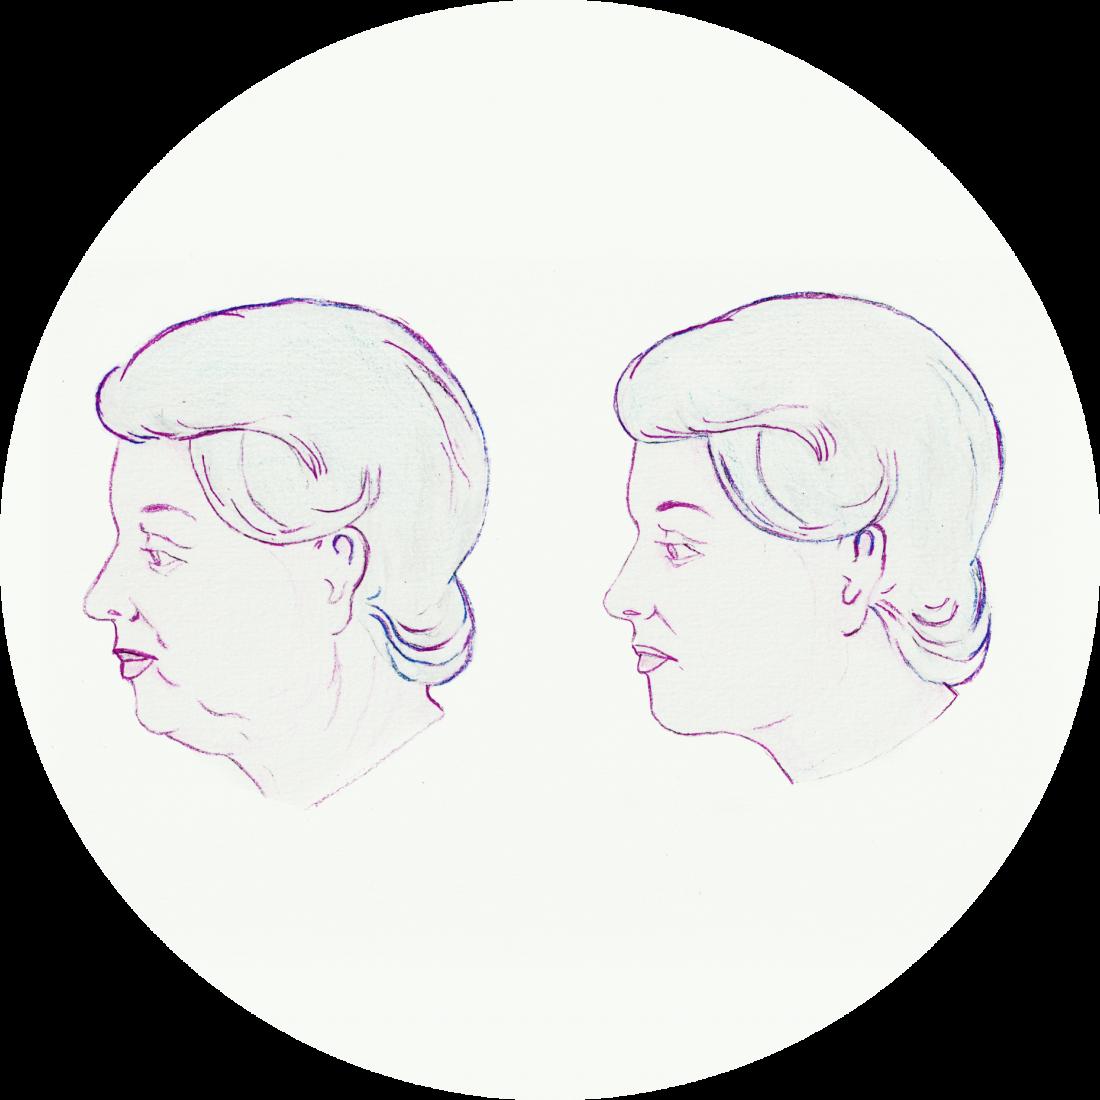 Procedure details: Facelift